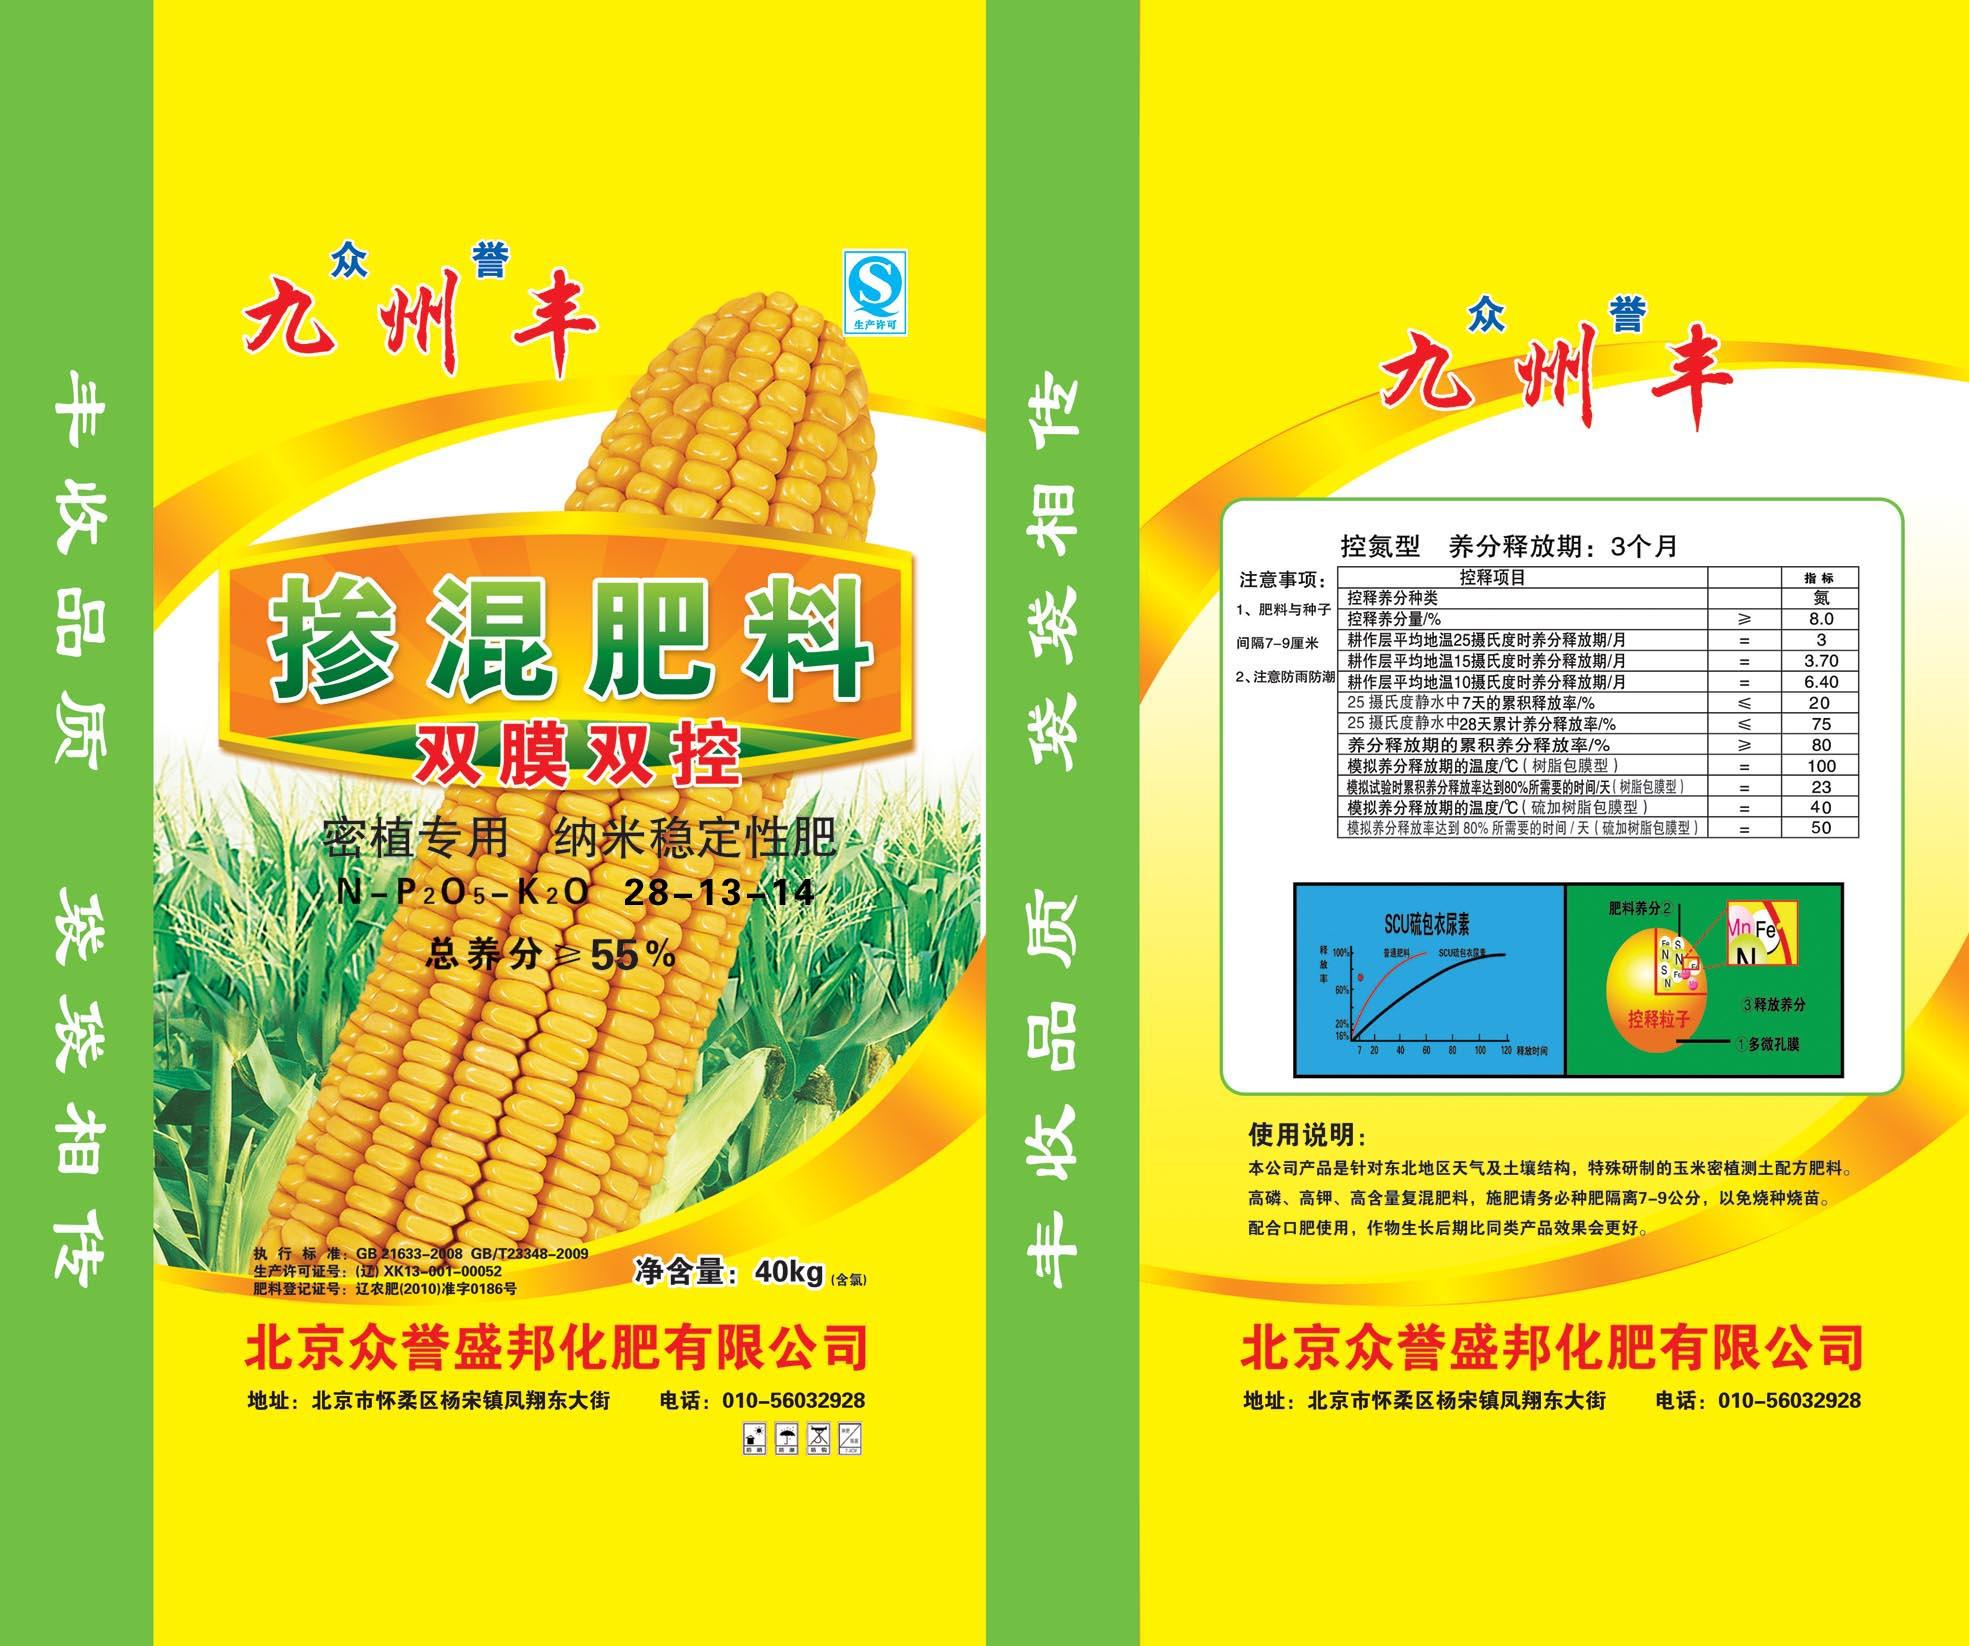 众誉九州丰掺混双膜双控 密植专用 纳米稳定性肥 北京众誉盛邦化肥有限公司55%(40kg控)